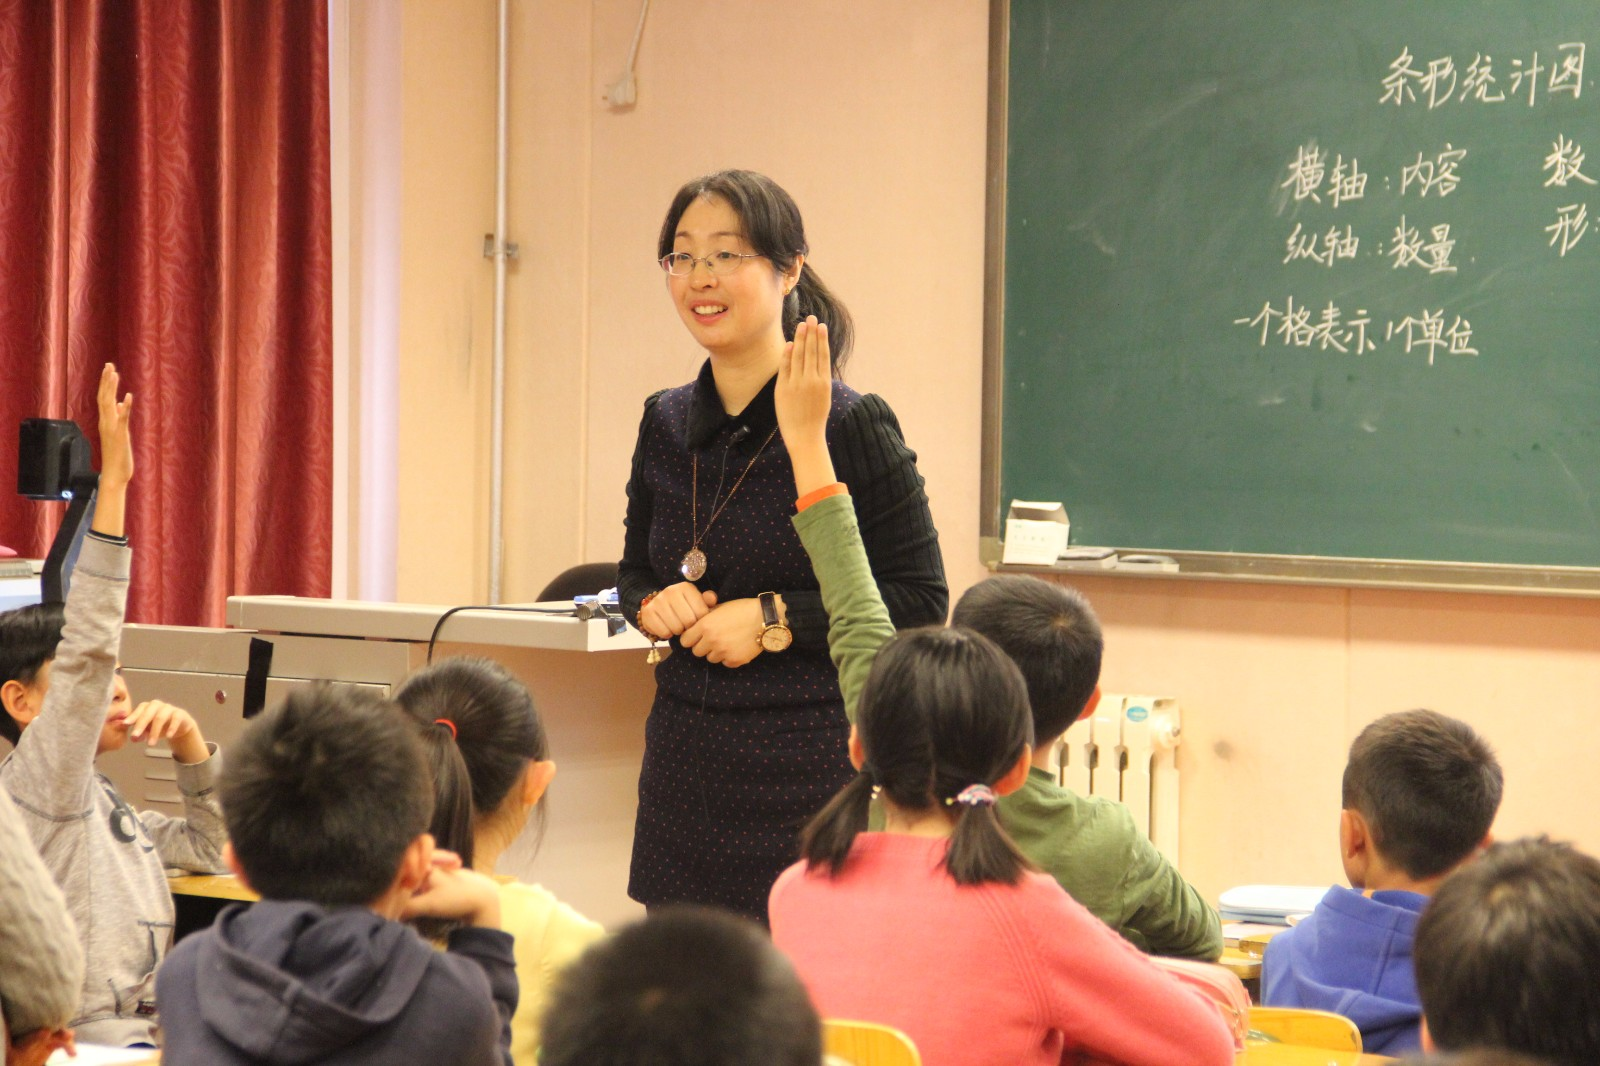 四年级李敬老师做课.JPG